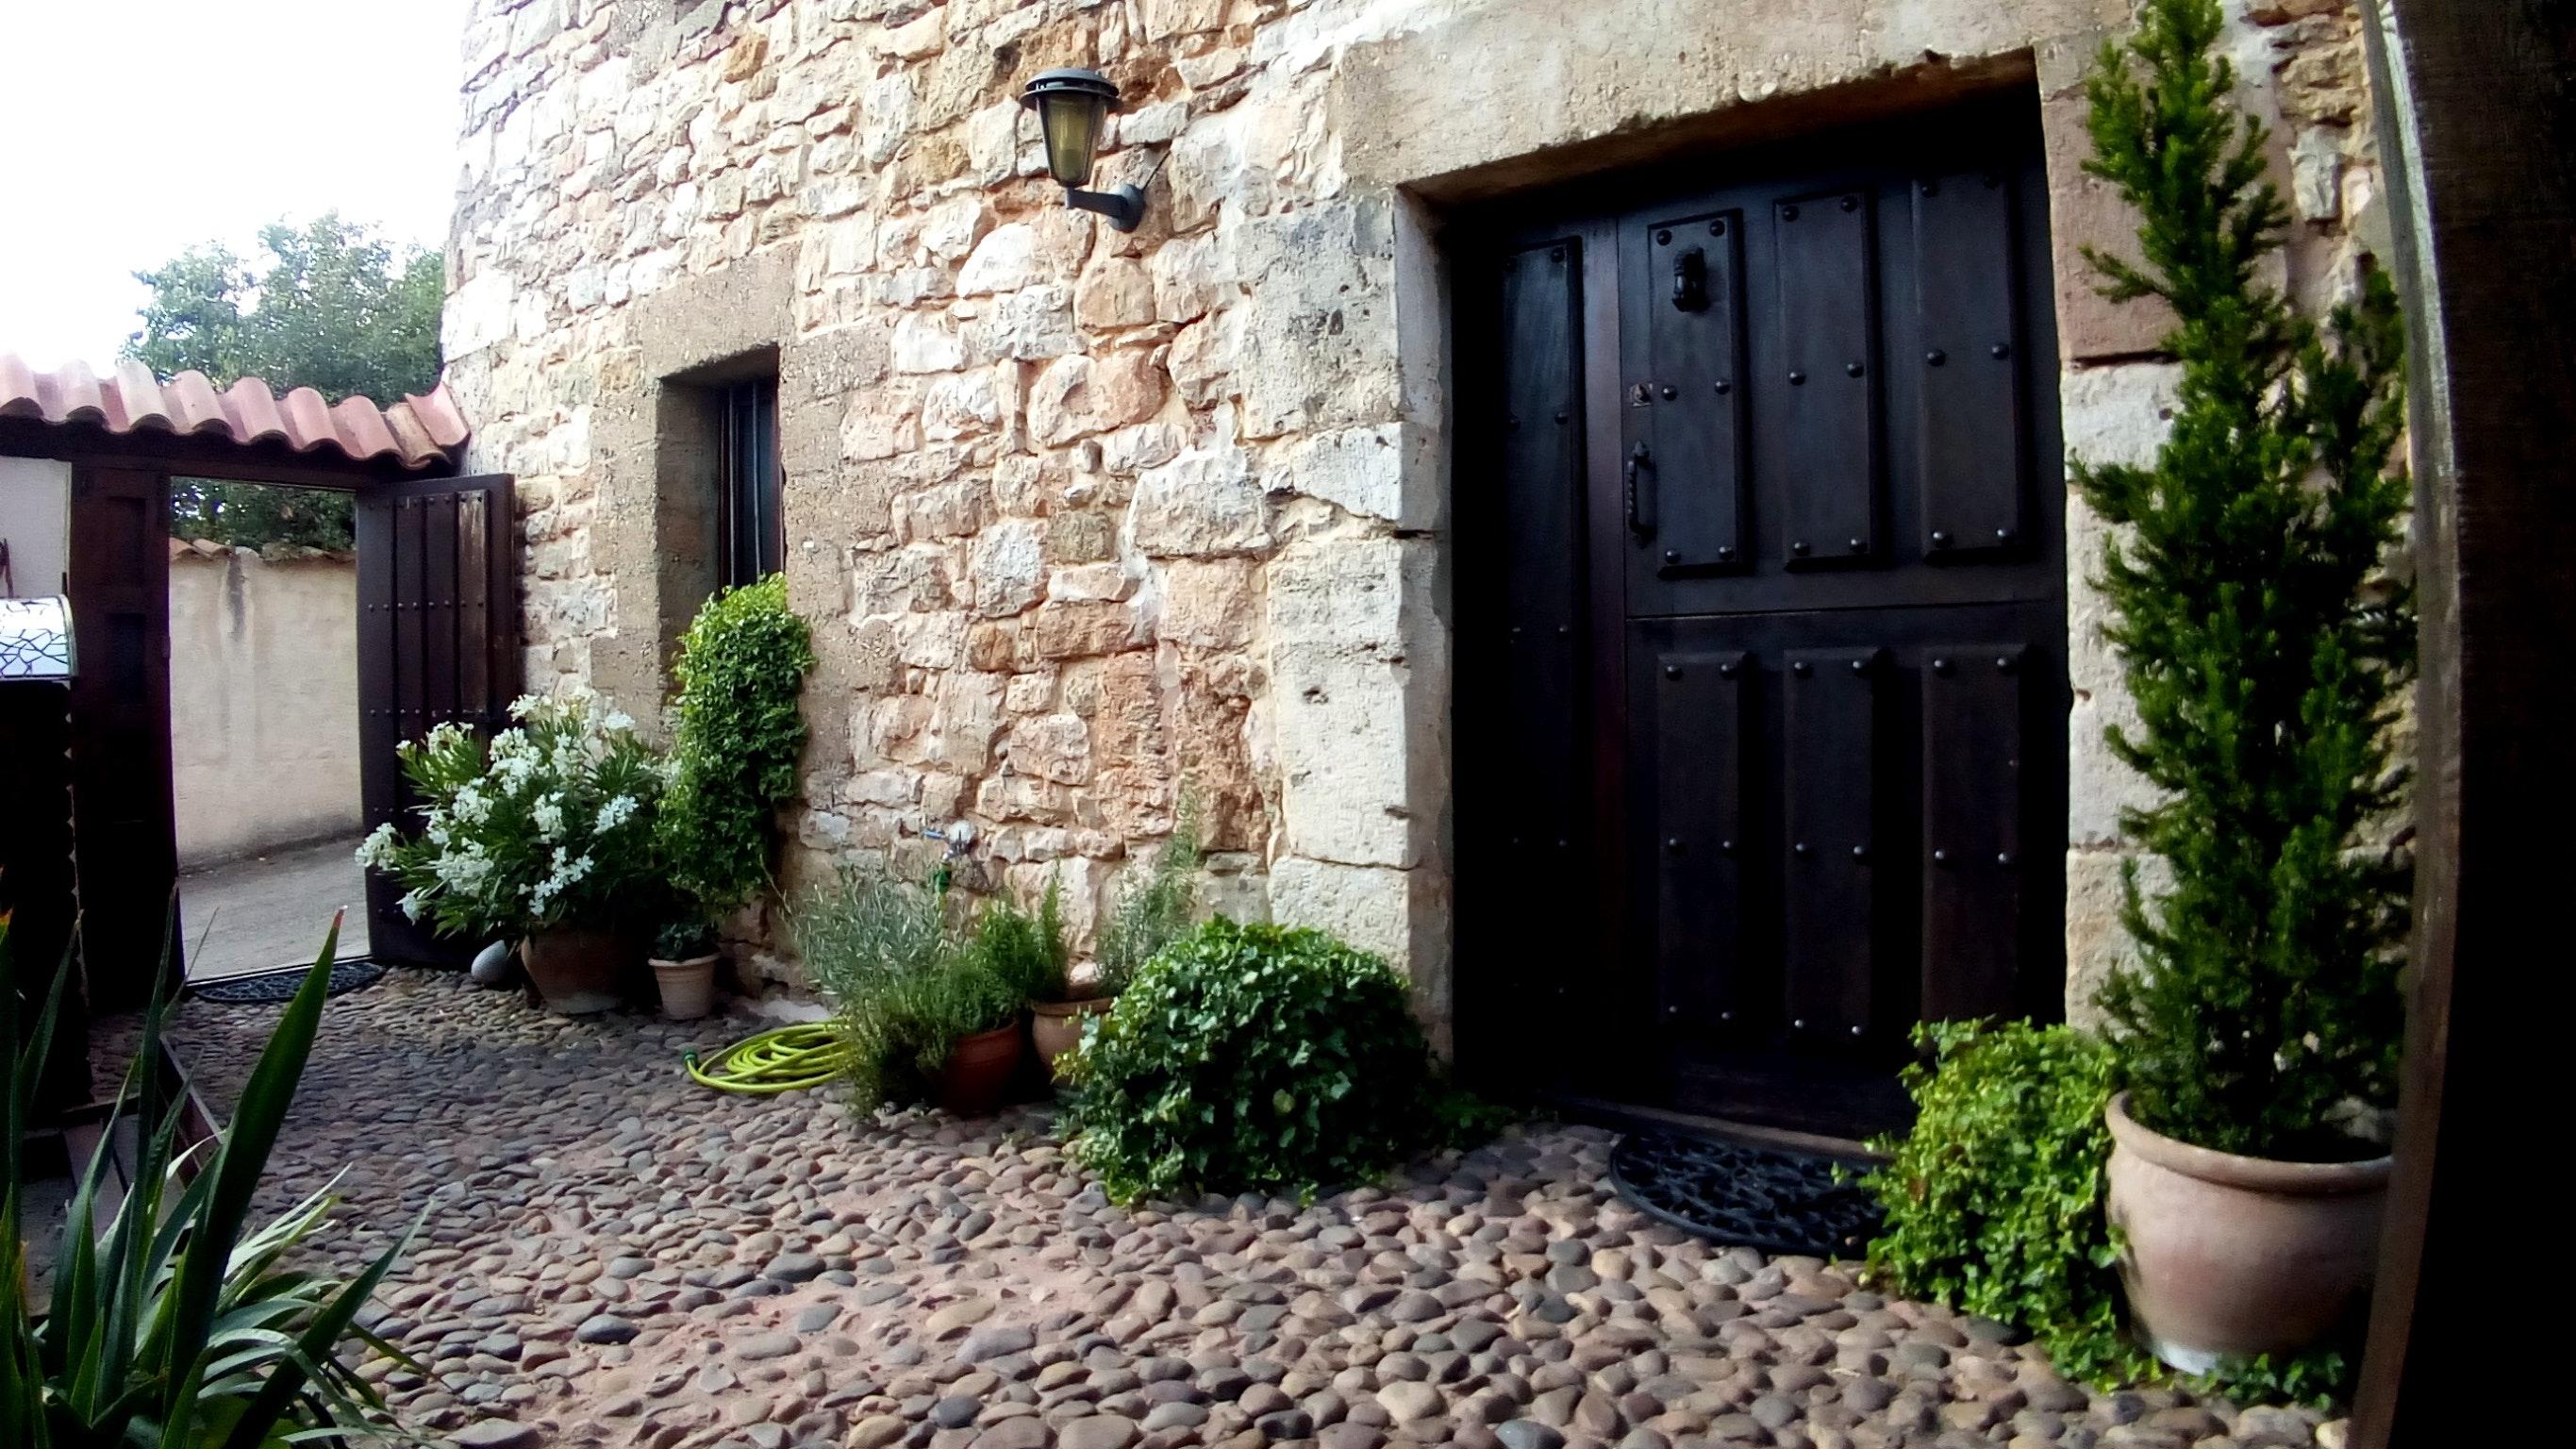 Ferienhaus Haus mit 5 Zimmern in Fuenteodra mit toller Aussicht auf die Berge, eingezäuntem Garten un (2211142), Fuenteodra, Burgos, Kastilien-León, Spanien, Bild 53